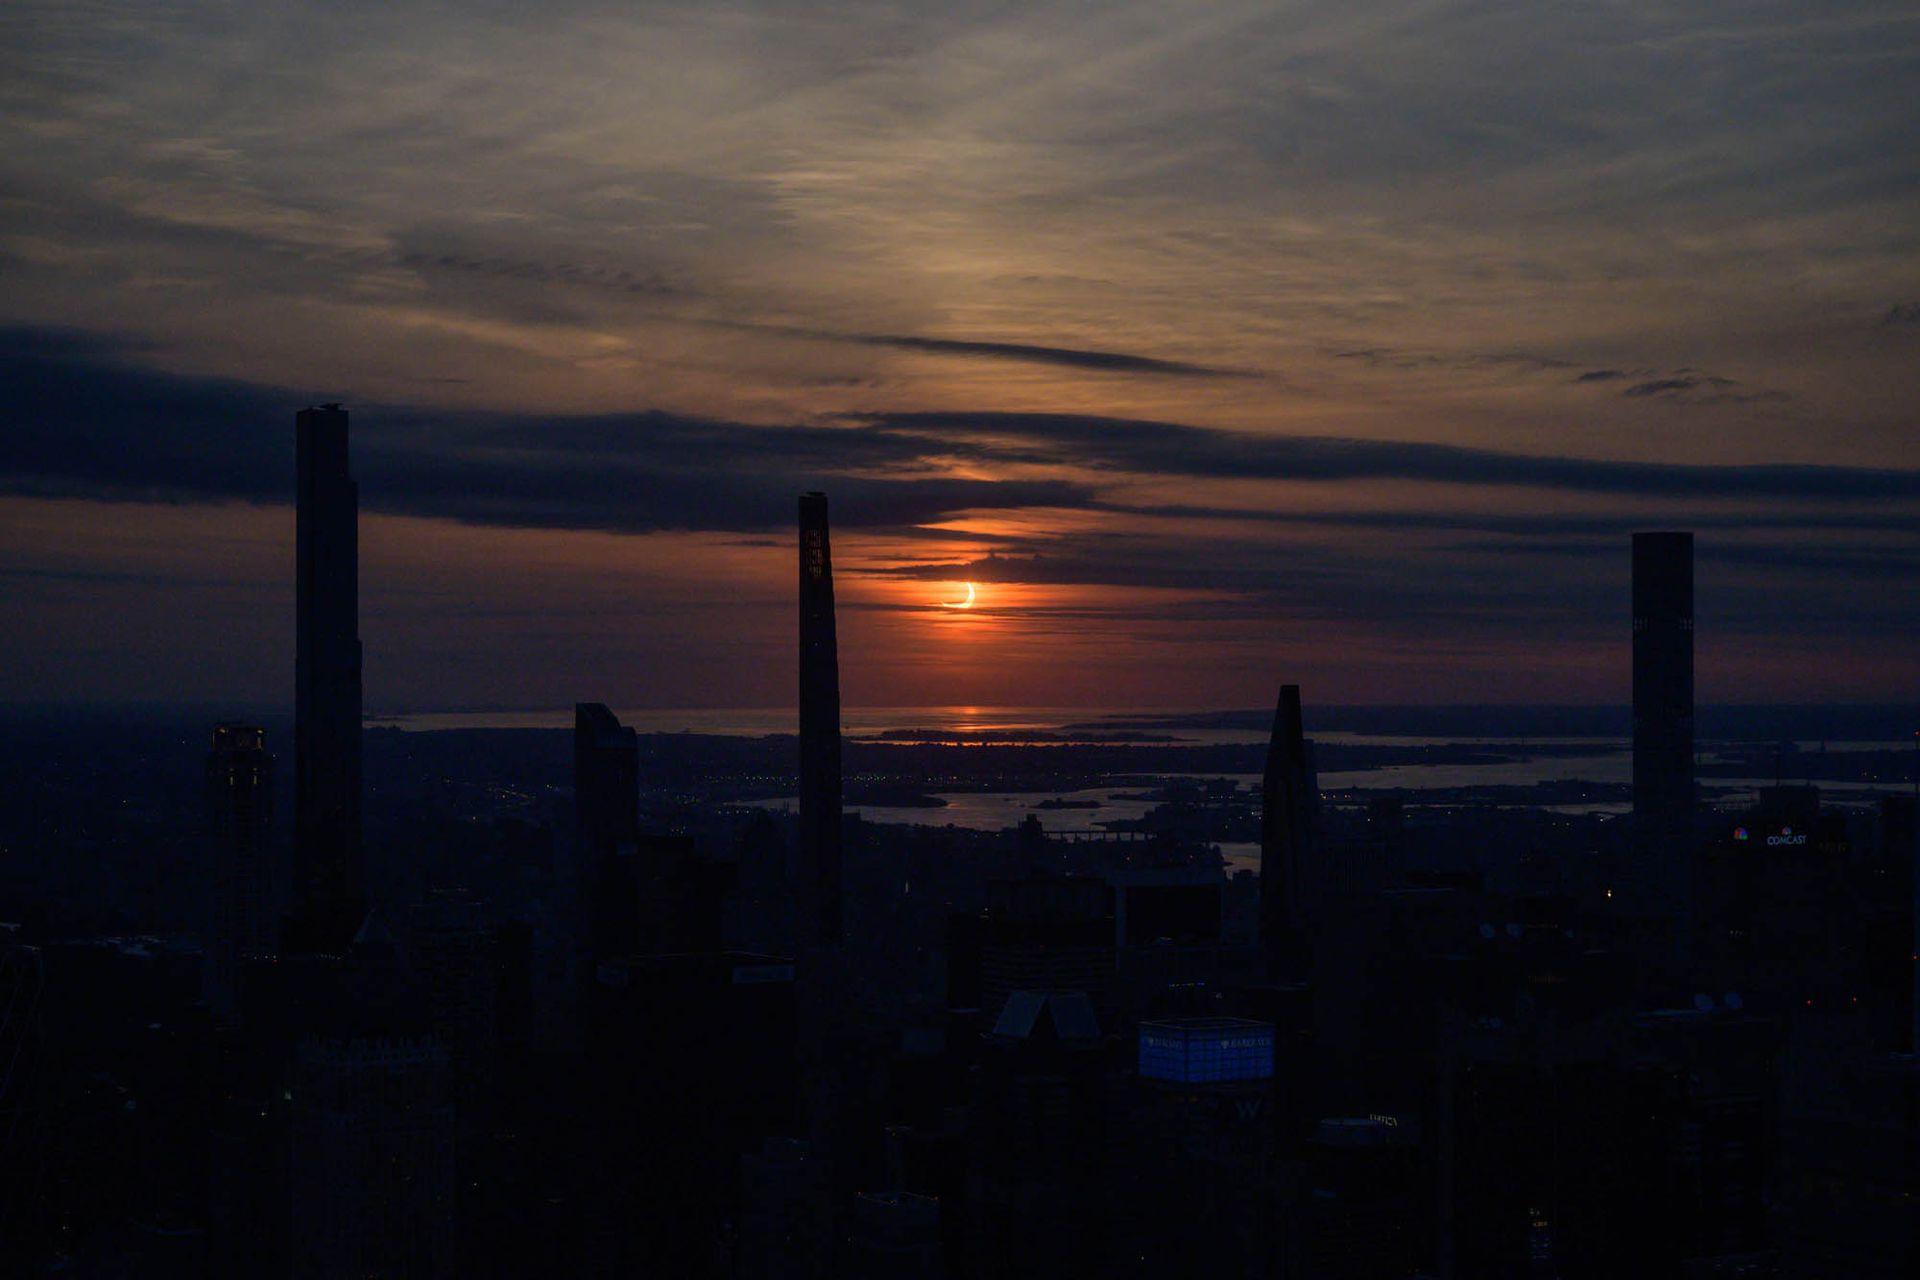 El eclipse solar parcial se eleva entre los edificios del horizonte de Manhattan desde el mirador Edge en Nueva York.